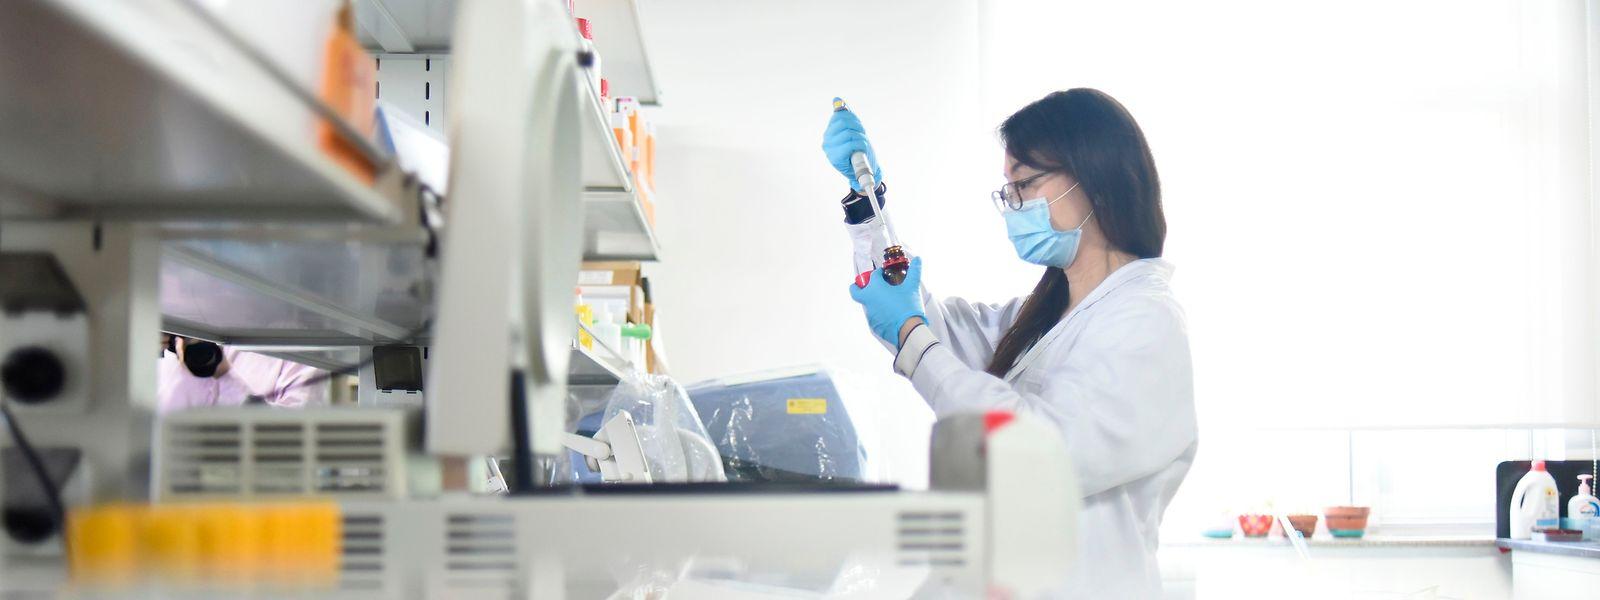 Weltweit liefern sich Pharmafirmen ein Rennen bei der Entwicklung eines Impfstoffes.